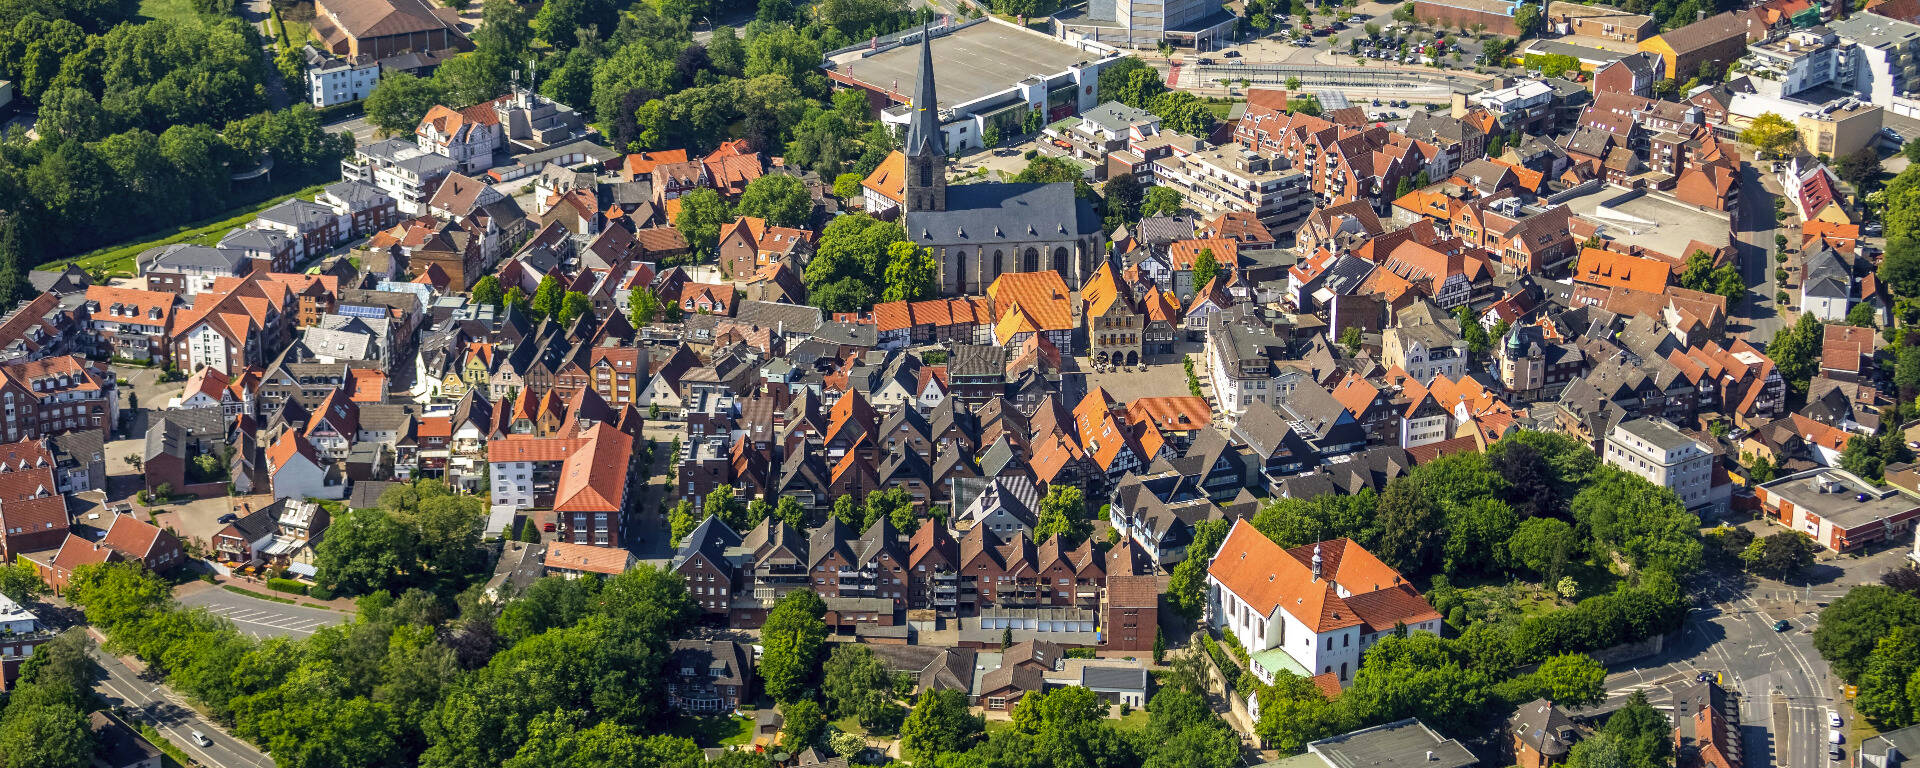 Stadt der Stadt Müssen Dampffahrer Wasserhaken